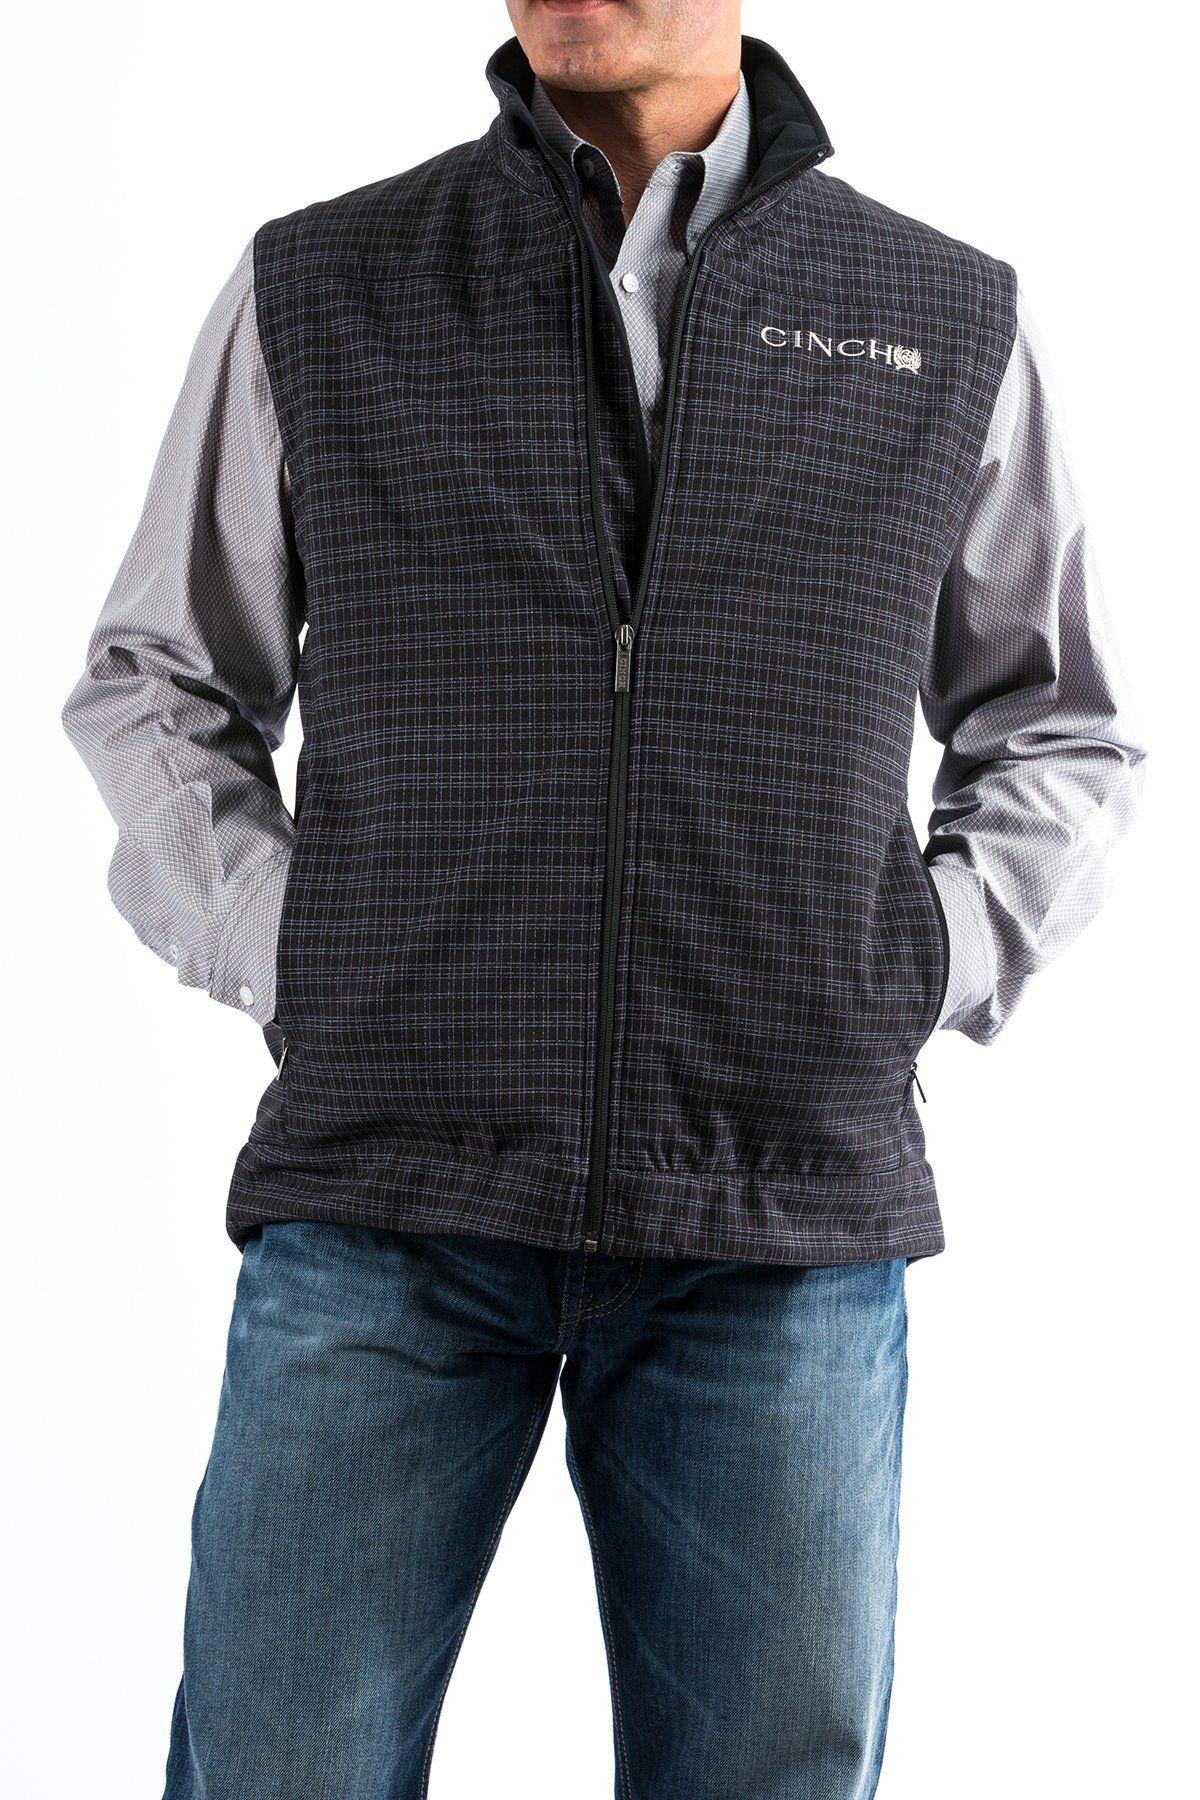 65e5c2a6d5e Cinch Men s Black Plaid Concealed Carry Vest